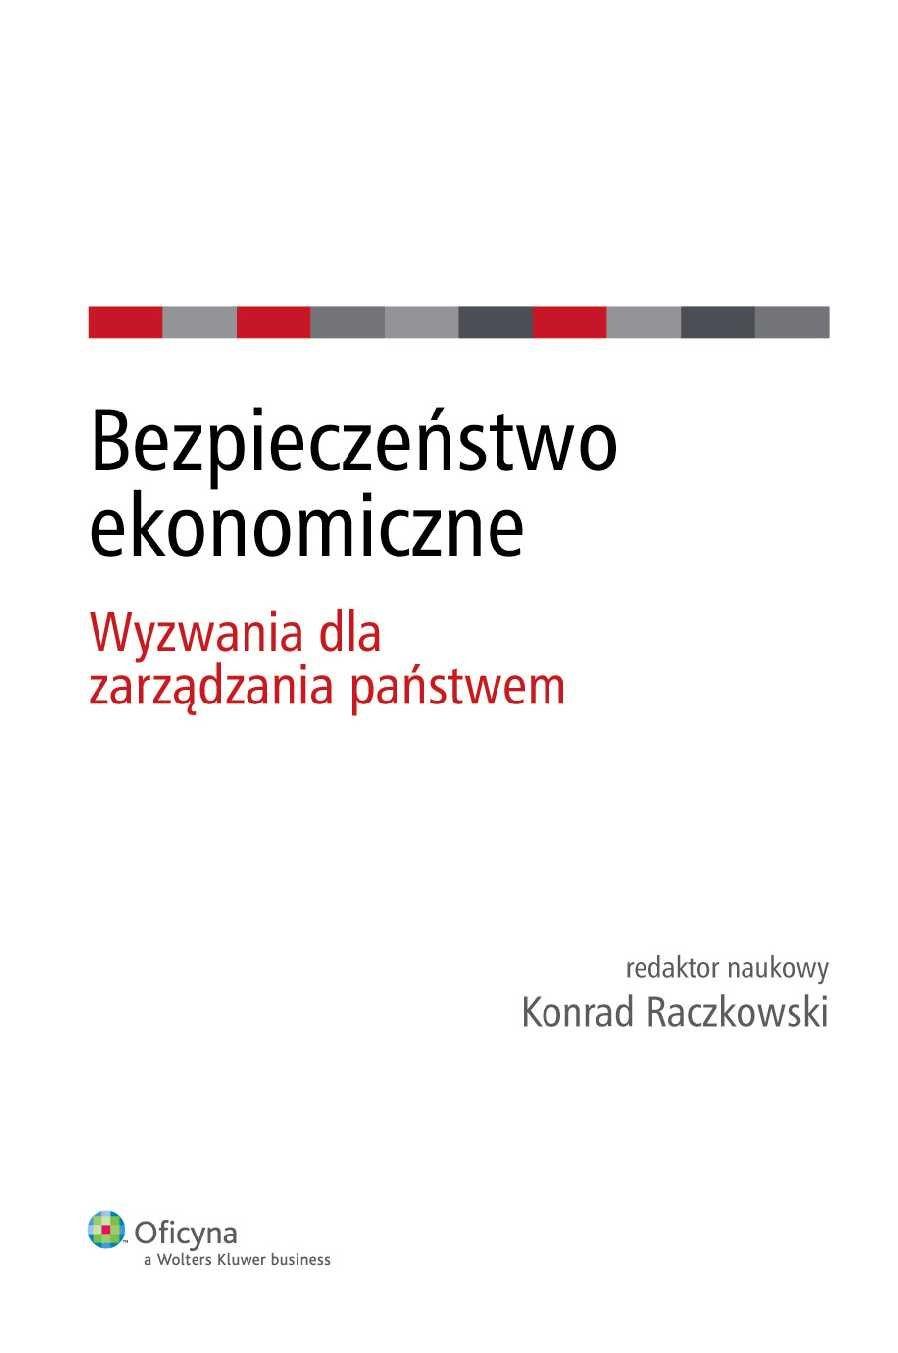 Bezpieczeństwo ekonomiczne. Wyzwania dla zarządzania państwem - Ebook (Książka PDF) do pobrania w formacie PDF